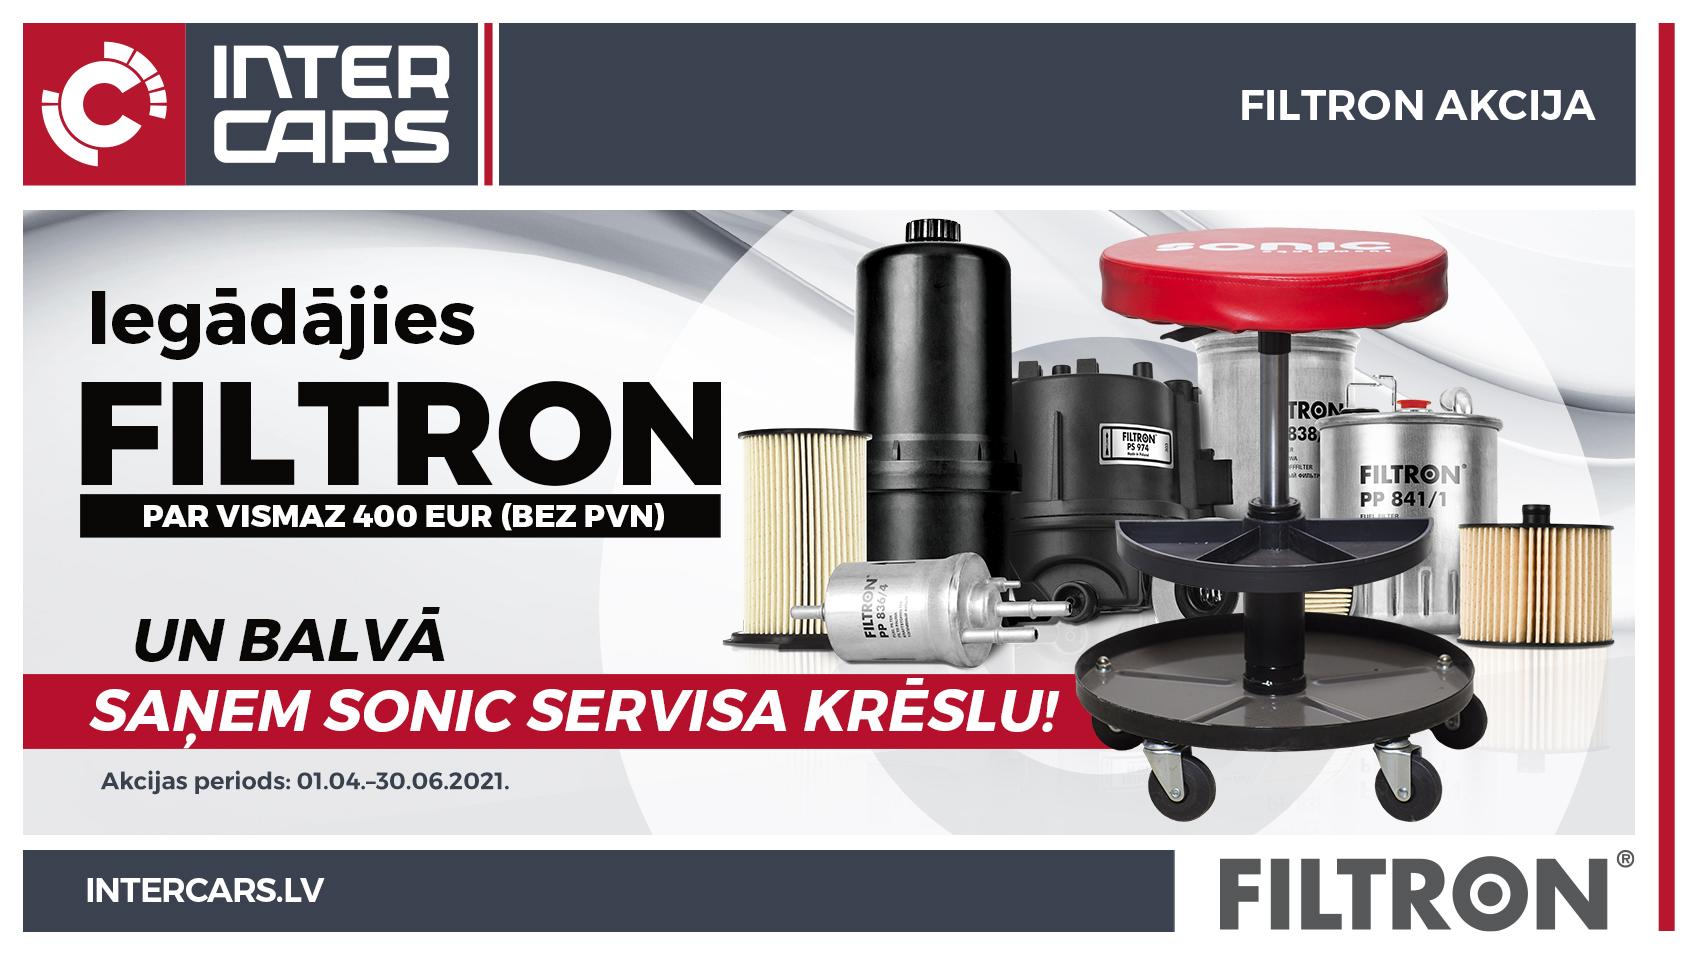 FILTRON-akcija-apr2021screen.jpg